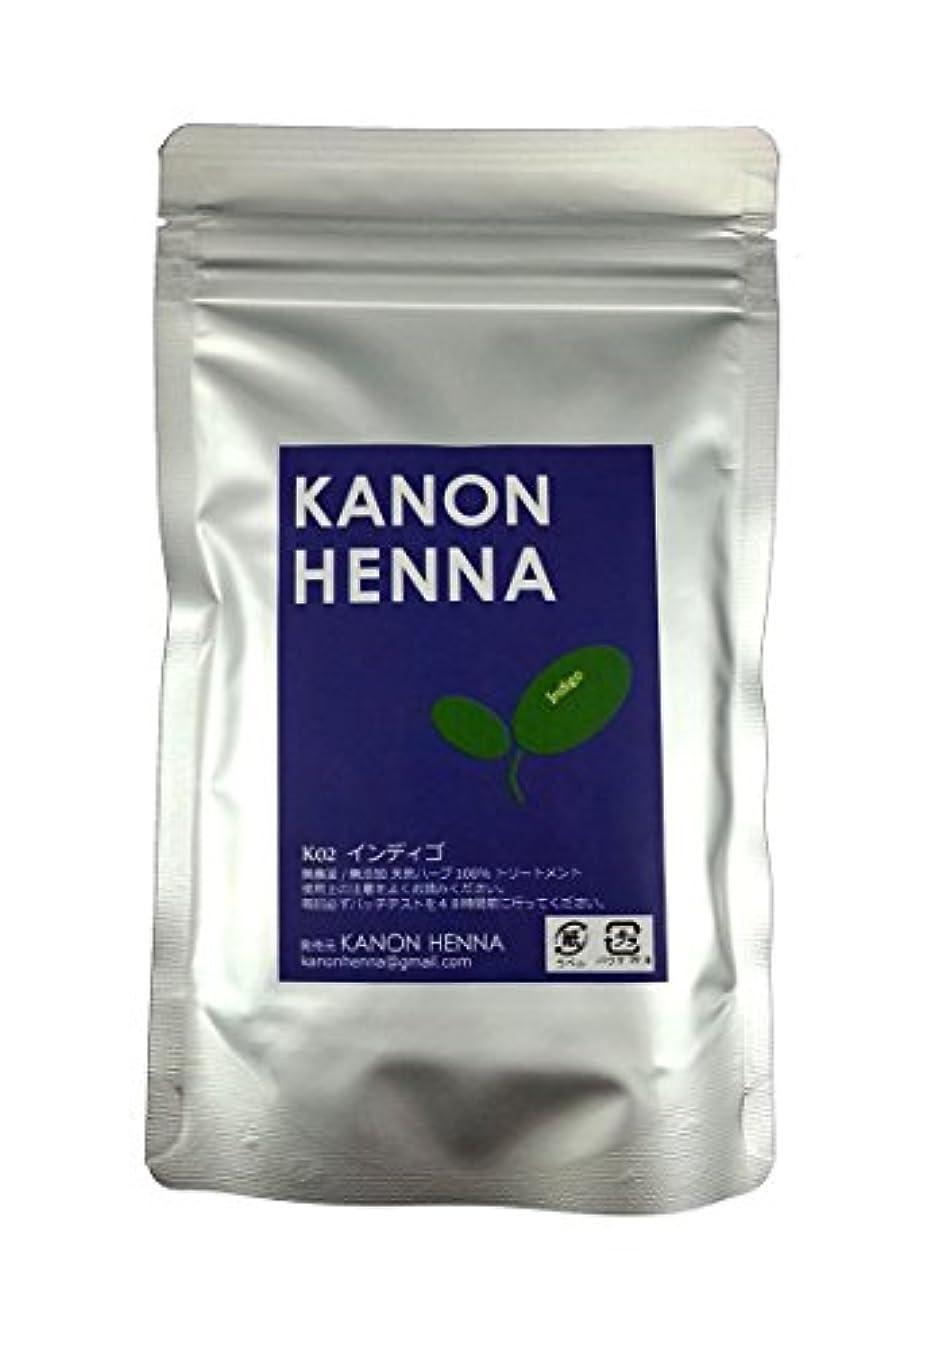 強風小説誘惑するヘナ カノンヘナ 天然ハーブ 無農薬無添加 ケミカルゼロ ヘアトリートメント 毛染め 染毛 白髪 青紫 henna-indigo